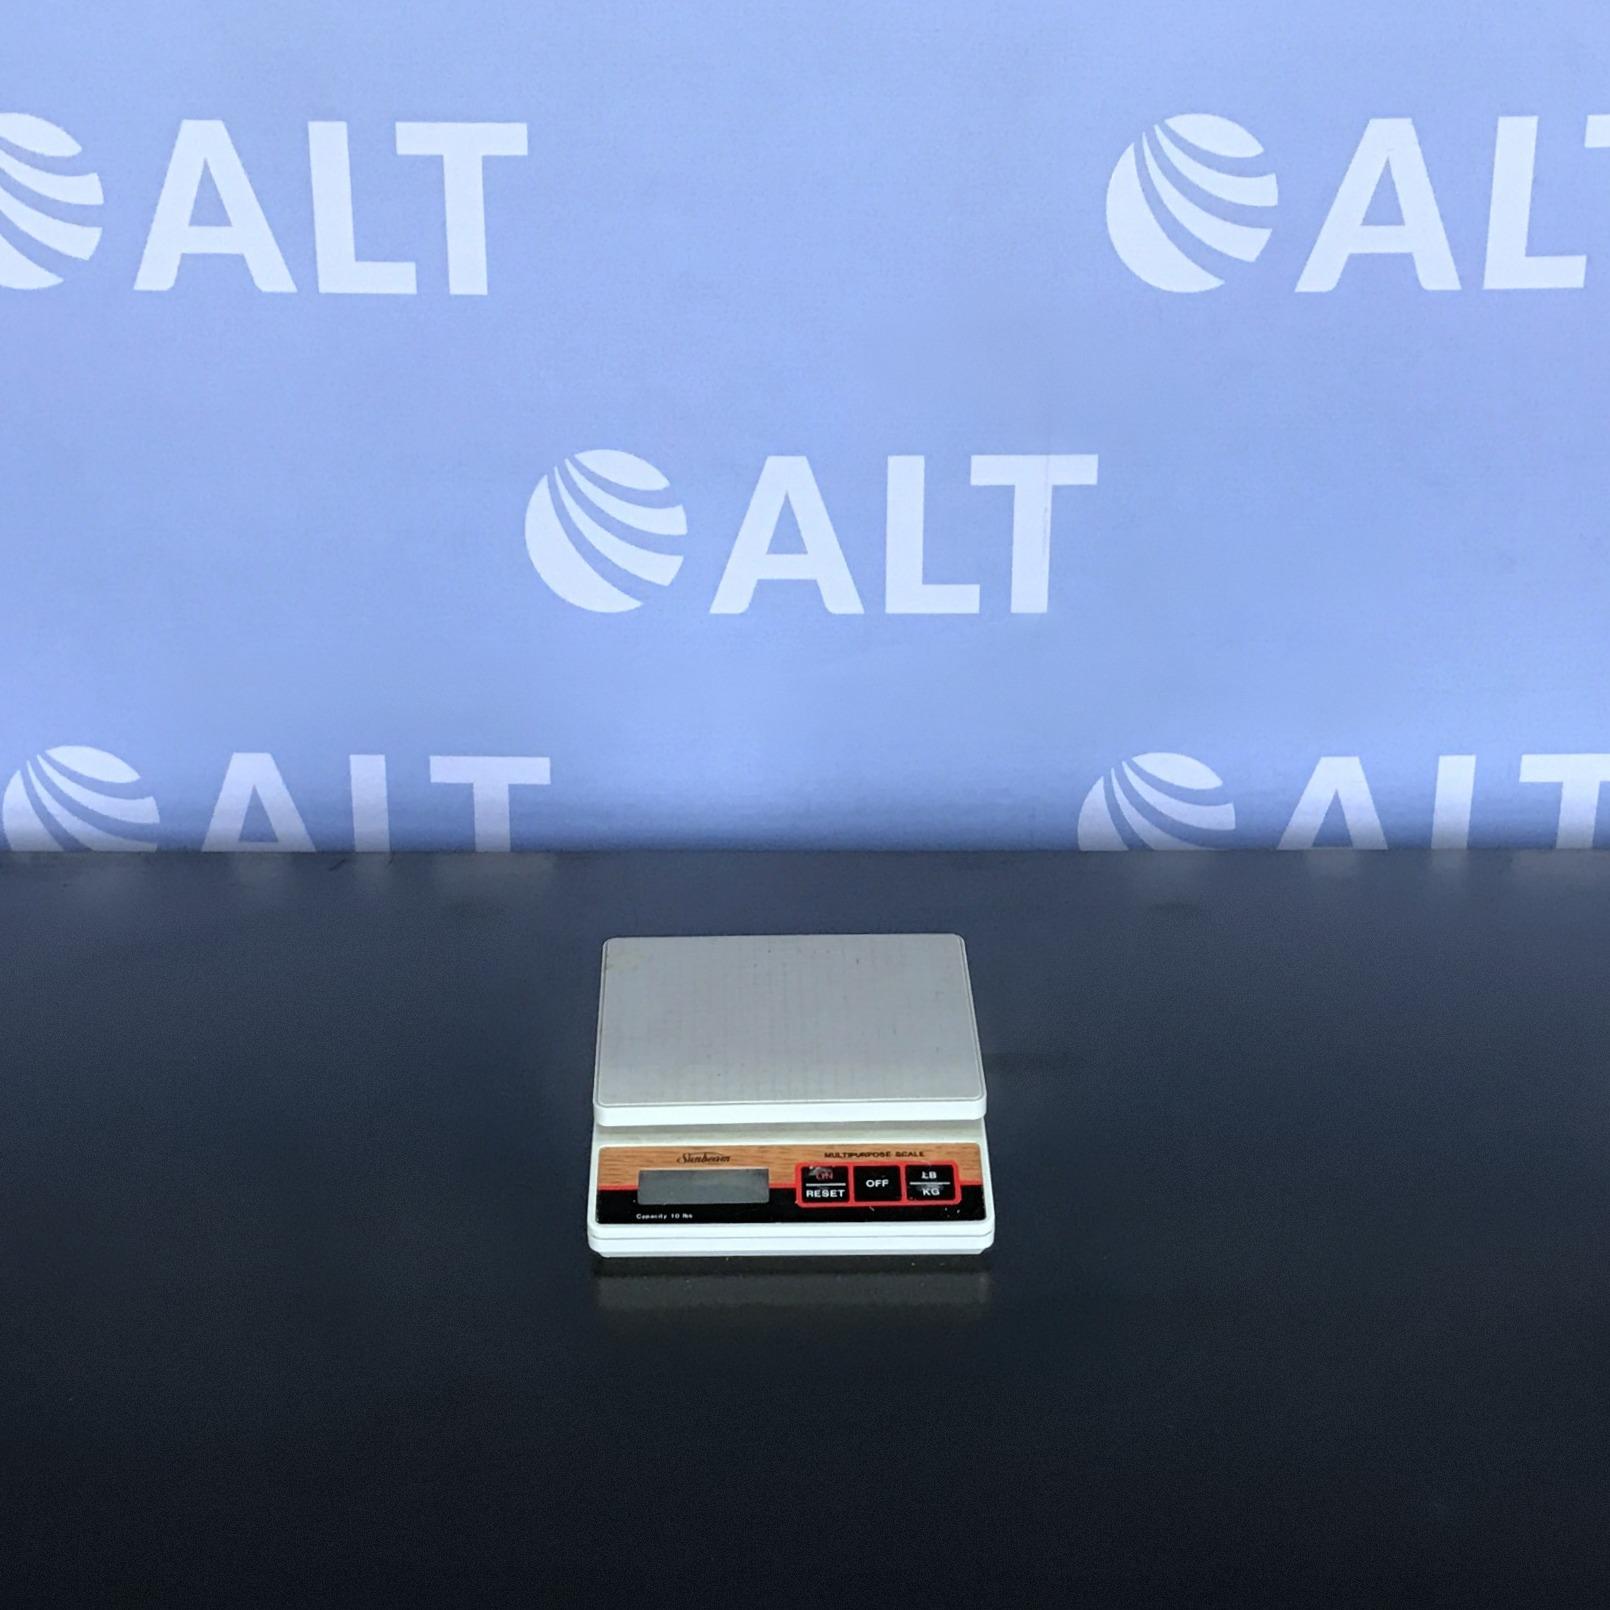 Sunbeam Multipurpose Scale Image